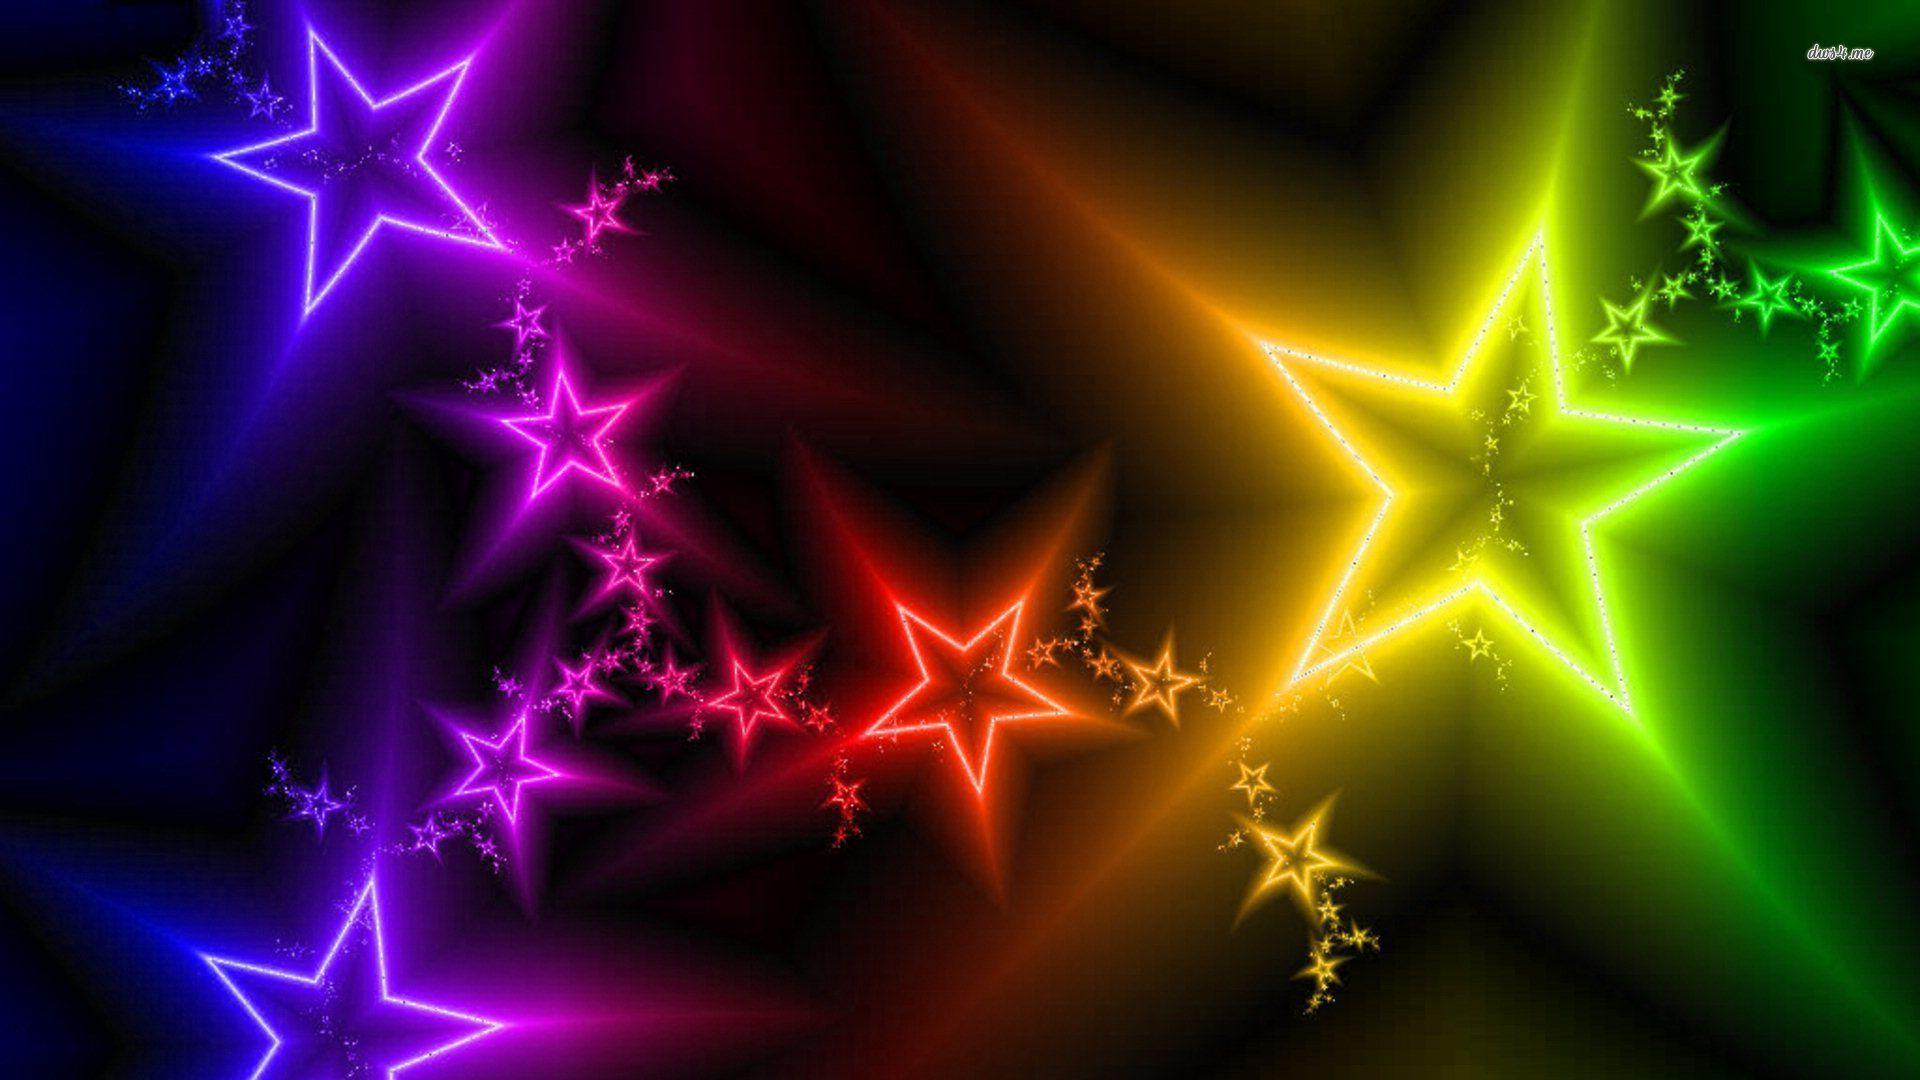 star wallpapers best star wallpapers wide k ultra hd | hd